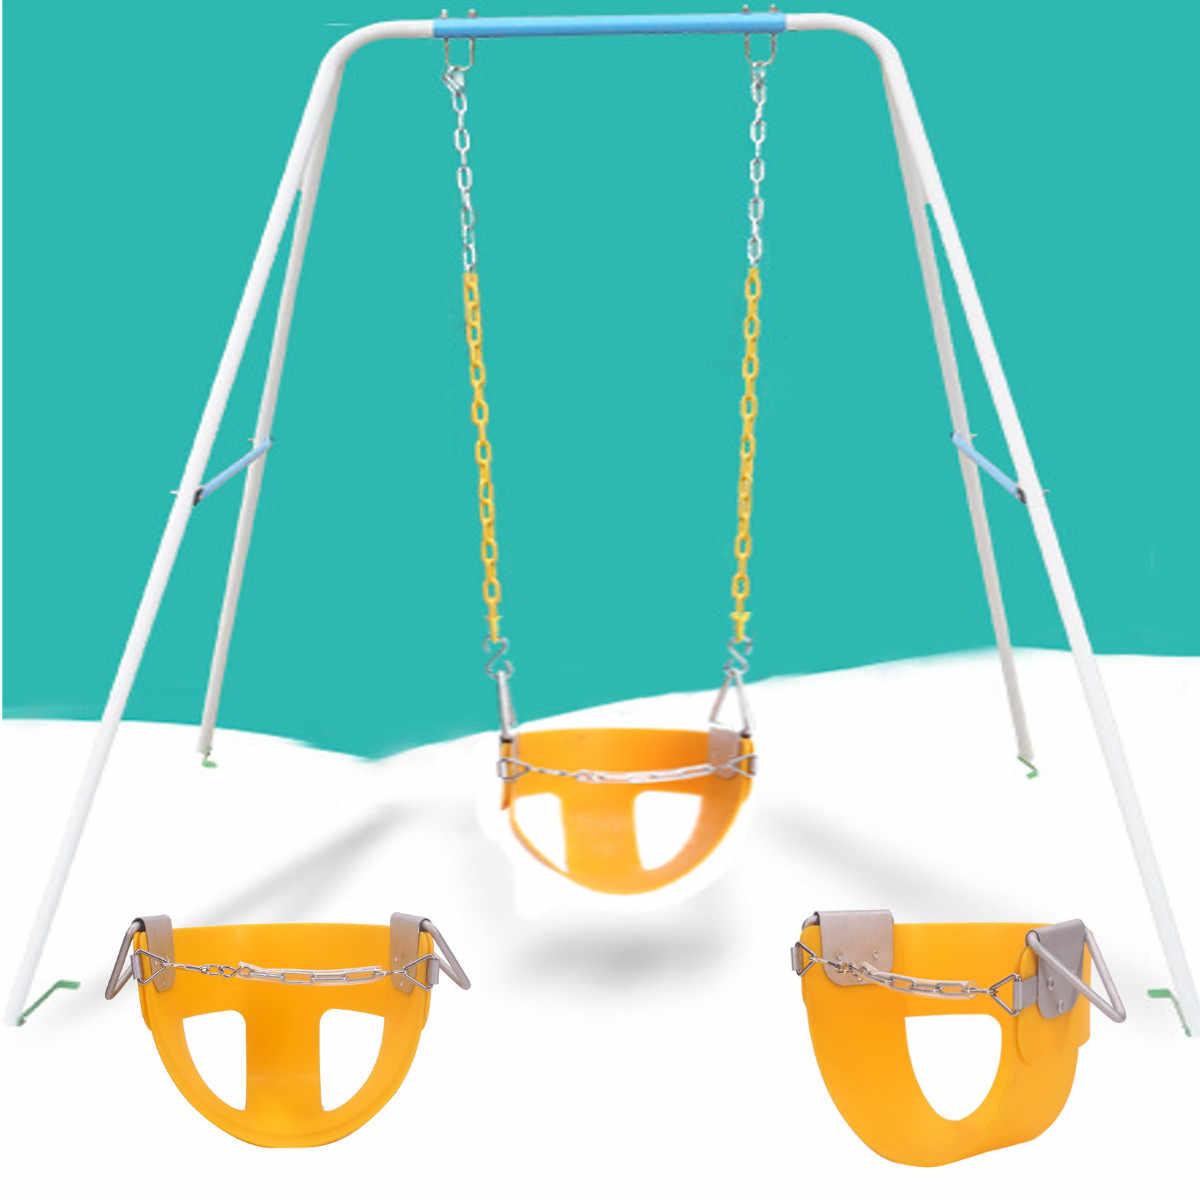 Открытый сад EVA дети качели сиденье Детская безопасность защита для малышей гамак стул развивающие Забавные игрушки качели корзина